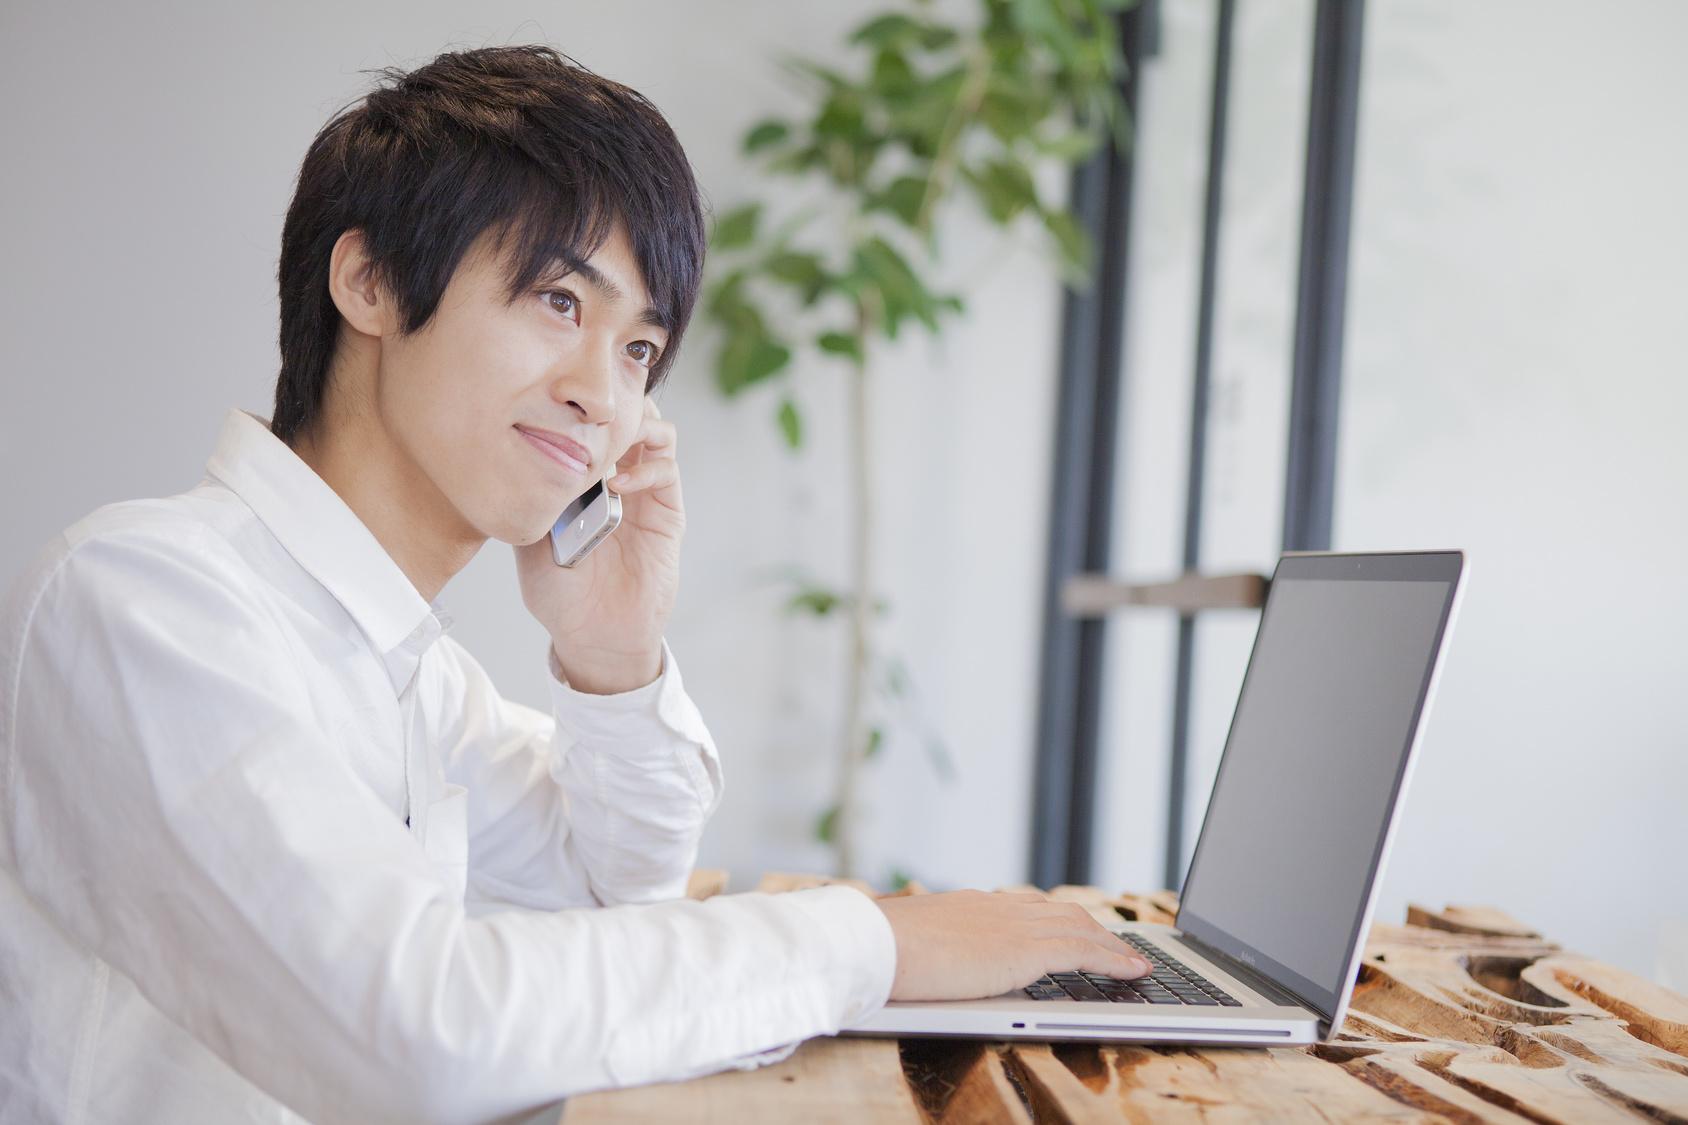 カフェでパソコンを開いて電話をかける男性